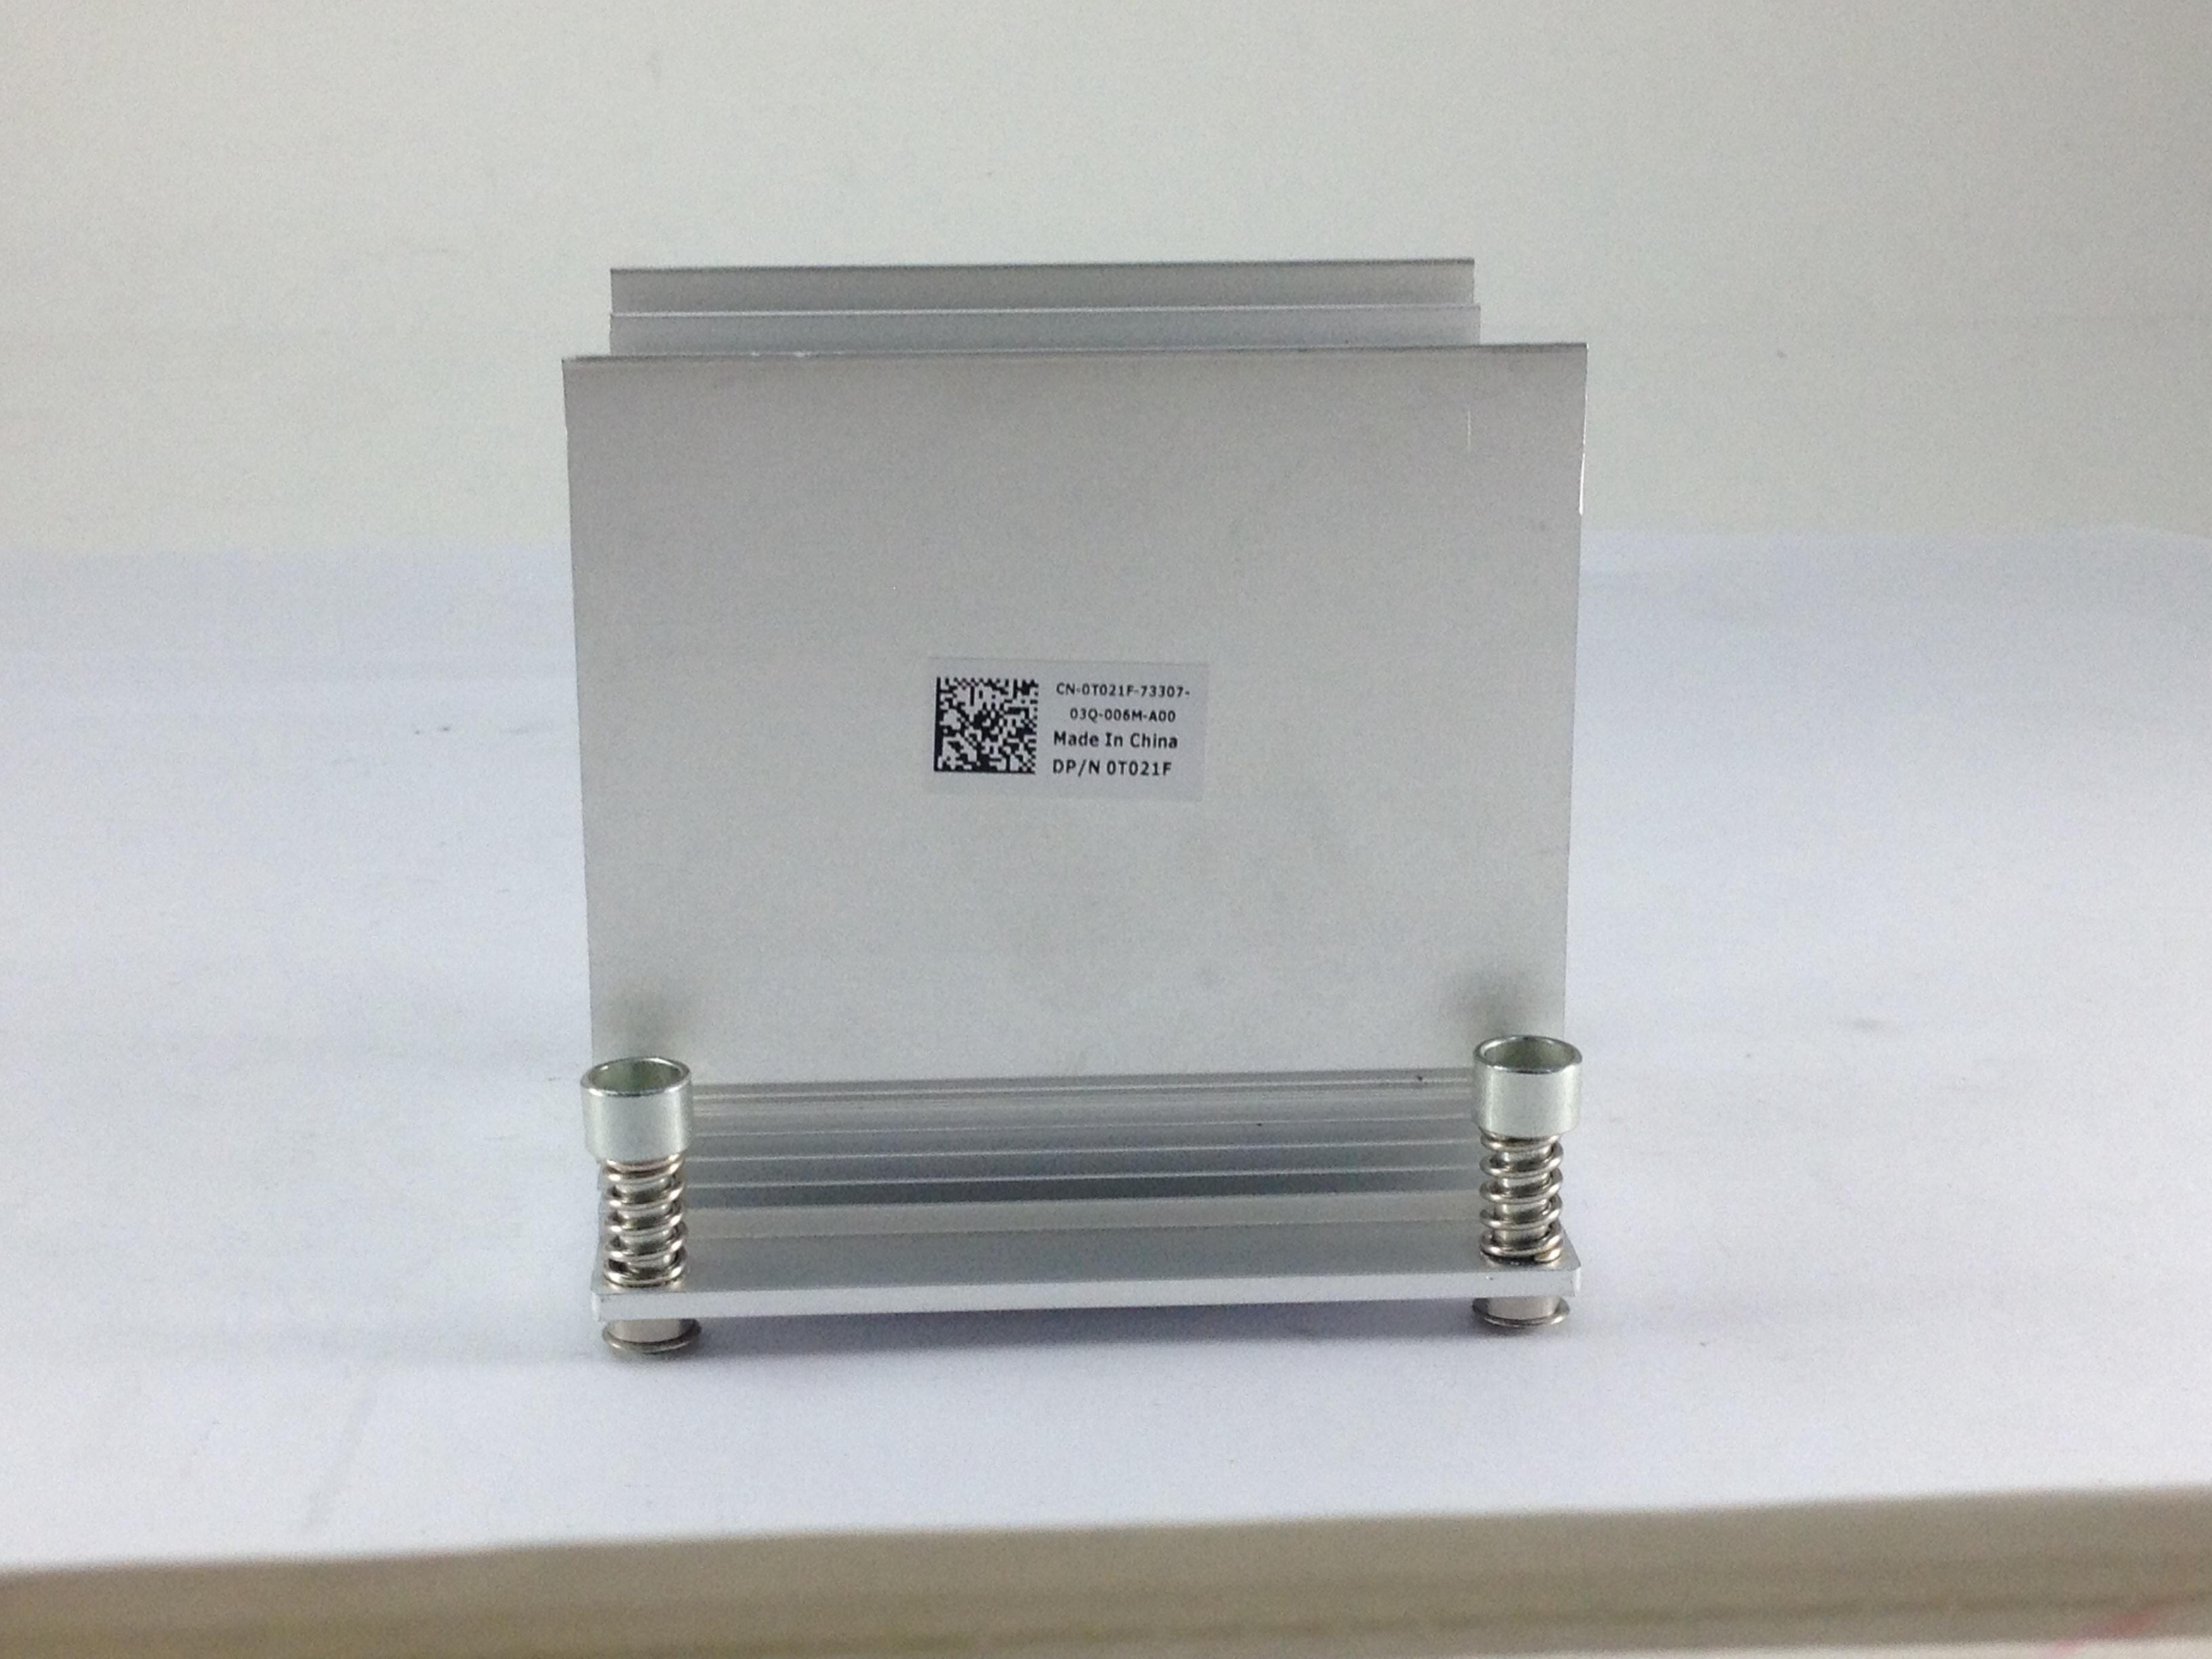 Precision T3500 T5500 T7500 Heatsink (T021F)